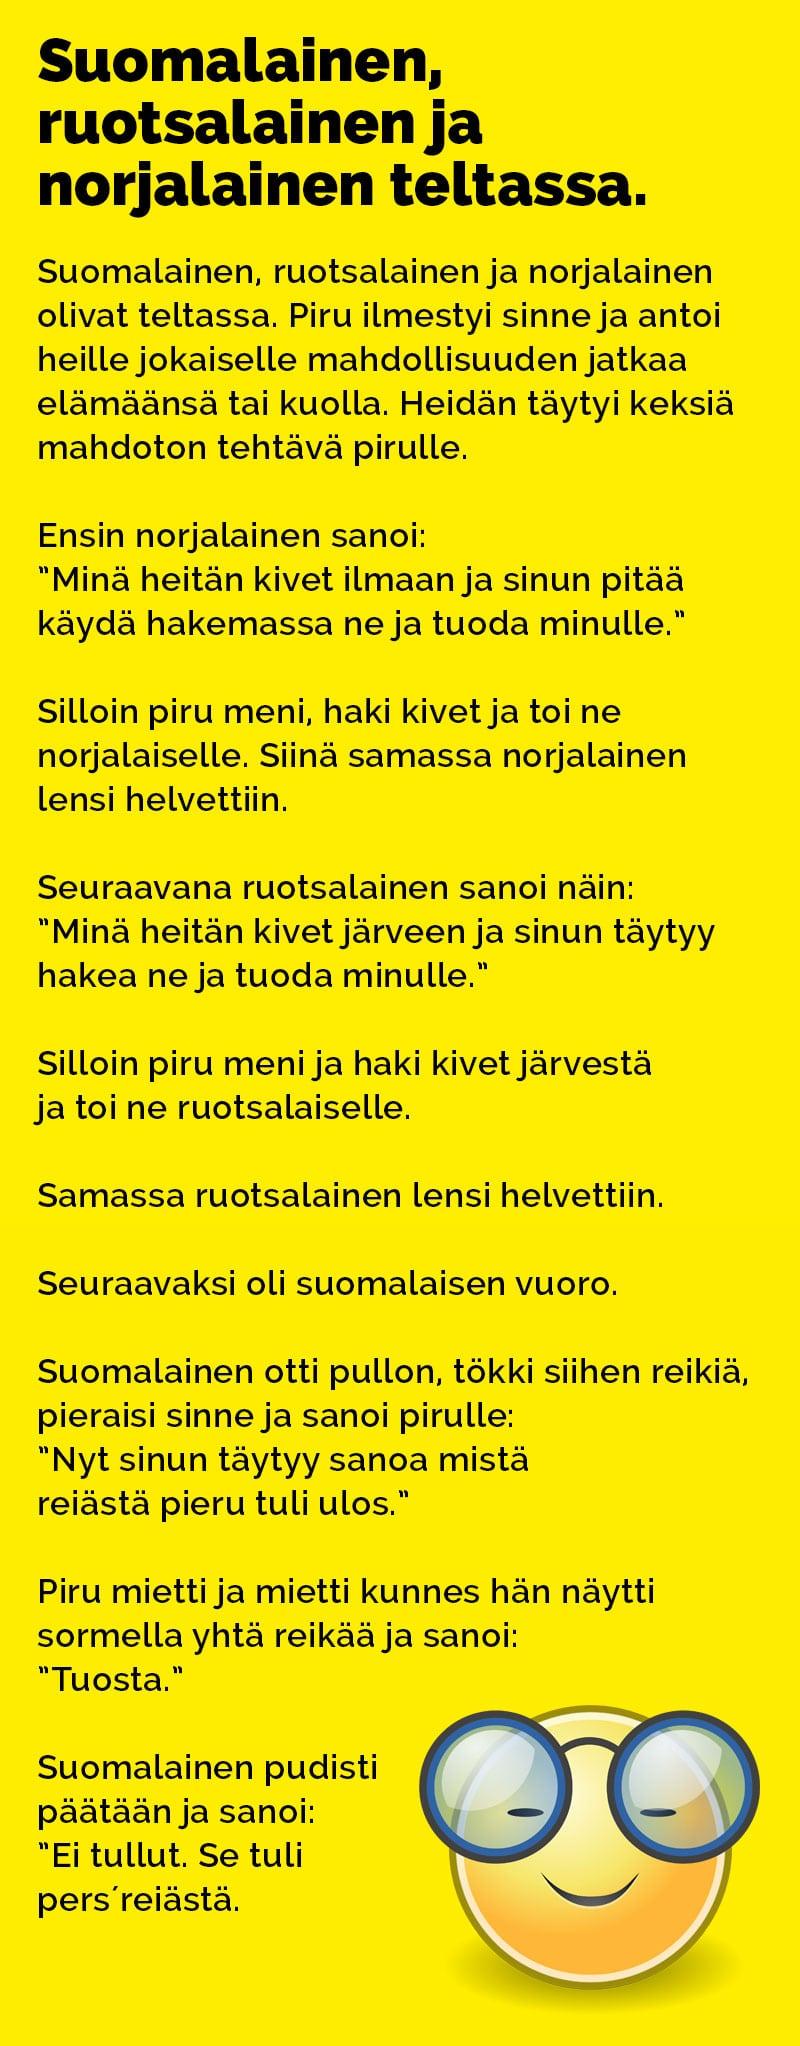 Suomalainen Ruotsalainen Ja Norjalainen Vitsit